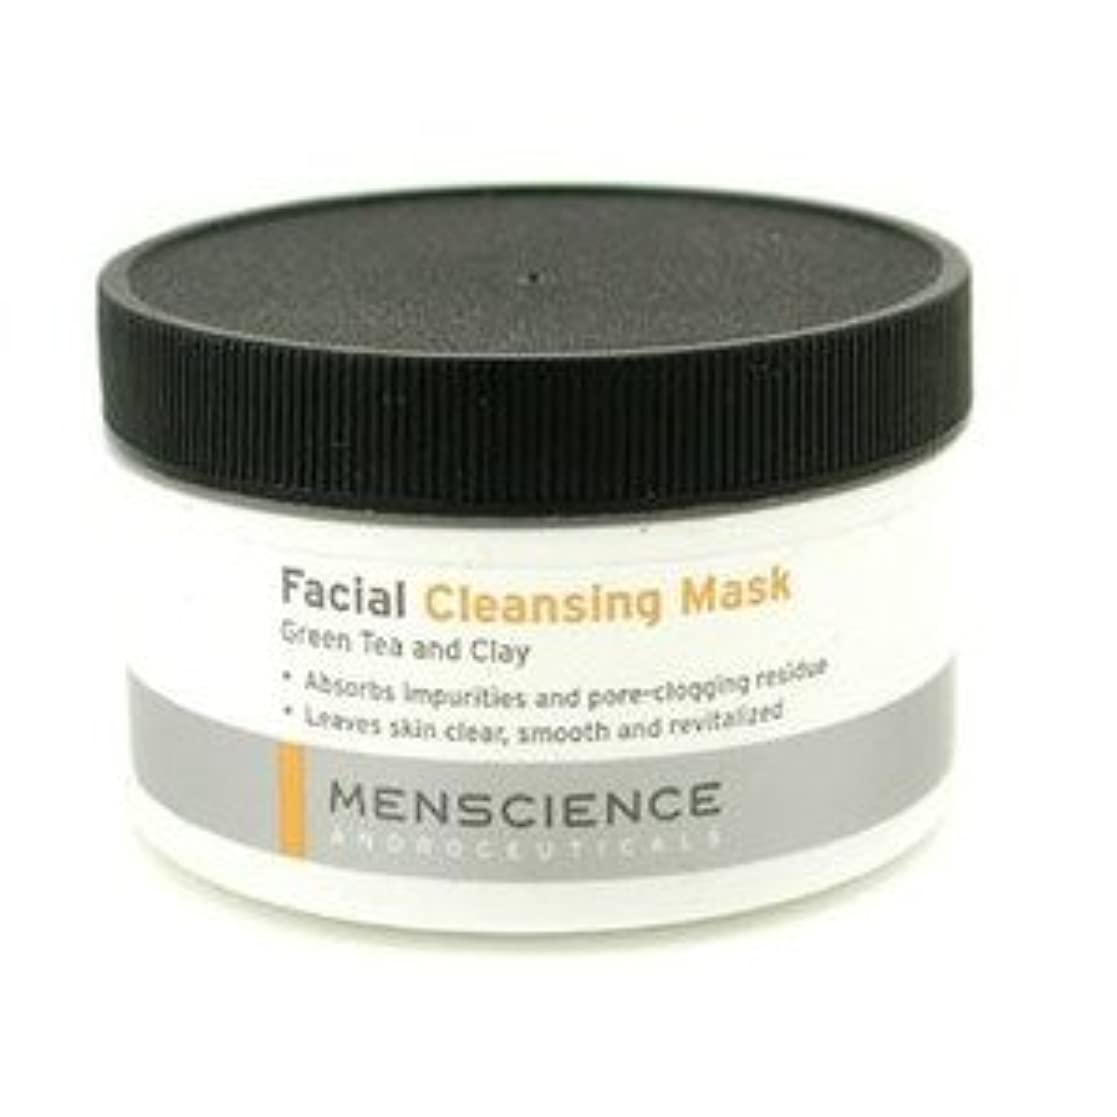 一シニス保全MenScience フェーシャル クリーニング マスク - グリーンティー&クレイ 90g/3oz [並行輸入品]